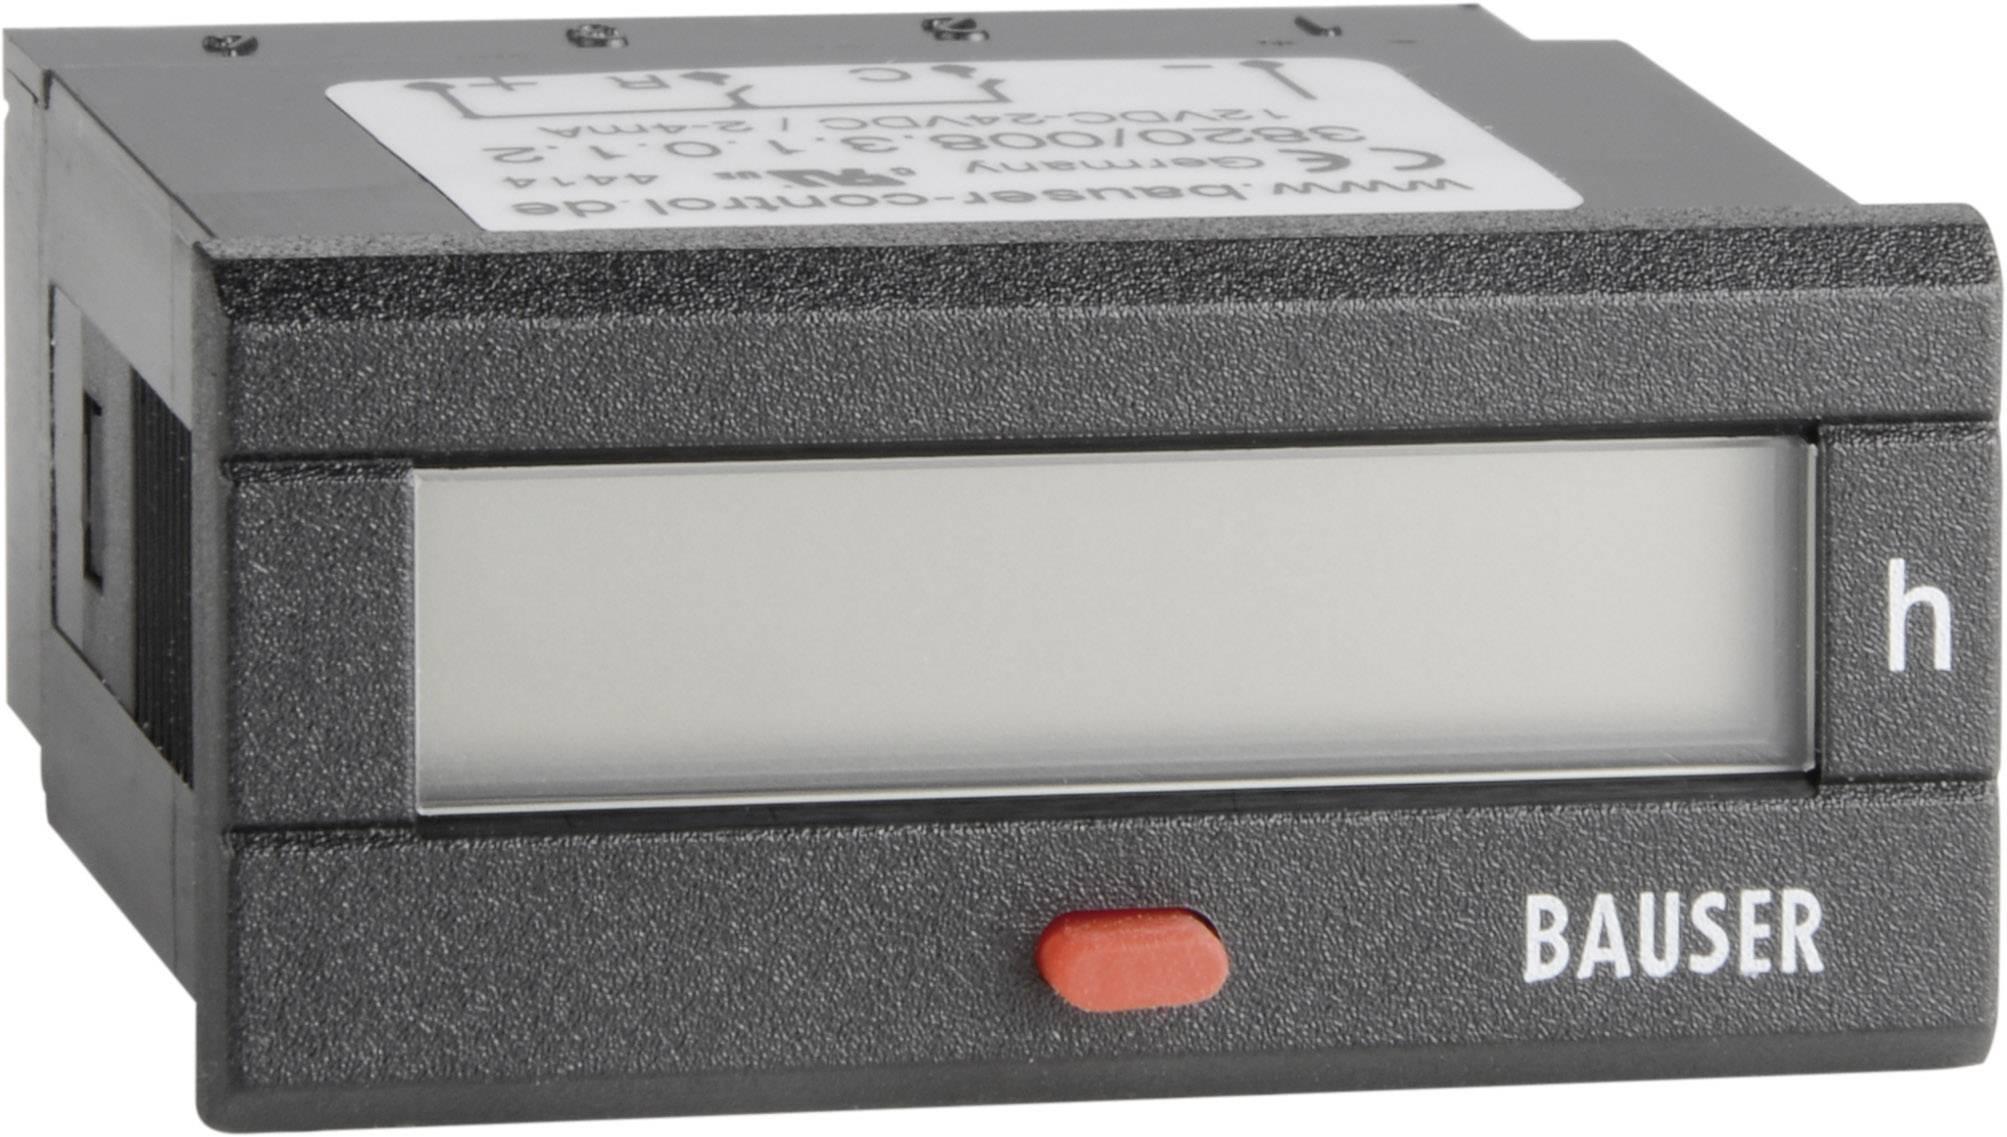 Dvojité počítadlo prevádzkových hodín Bauser Twin BZ/BZ 115 - 240 V/AC, 45 x 22 mm